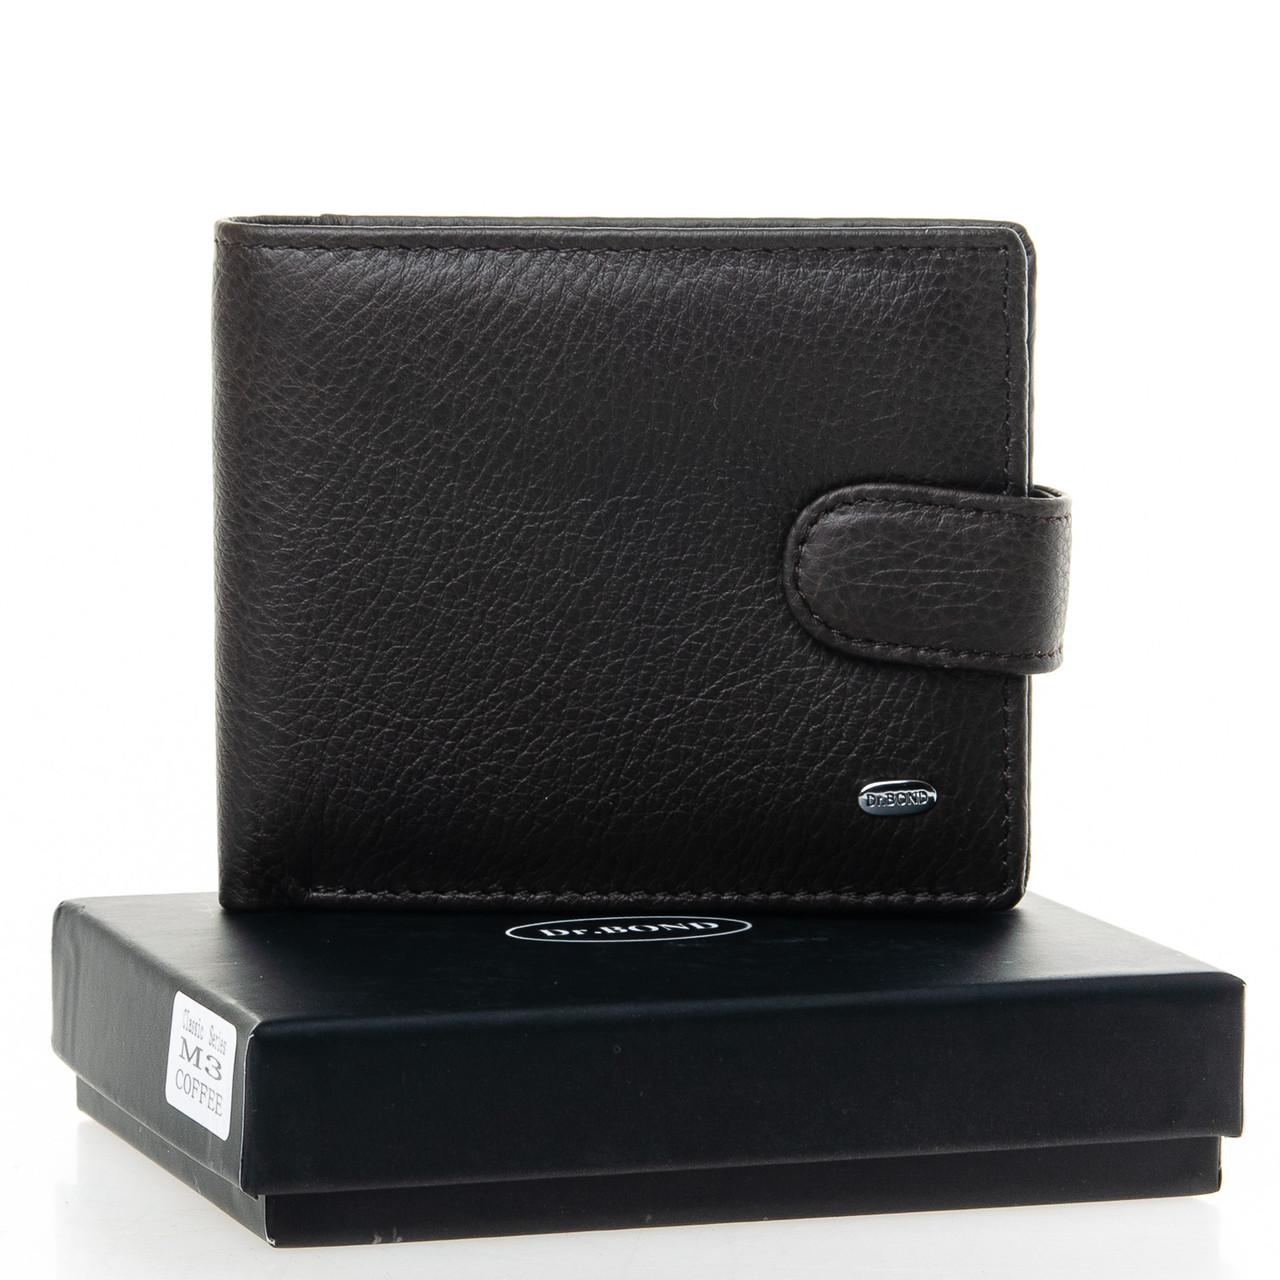 Шкіряний чоловічий гаманець / Кожаный мужской кошелек DR. BOND M3 coffee